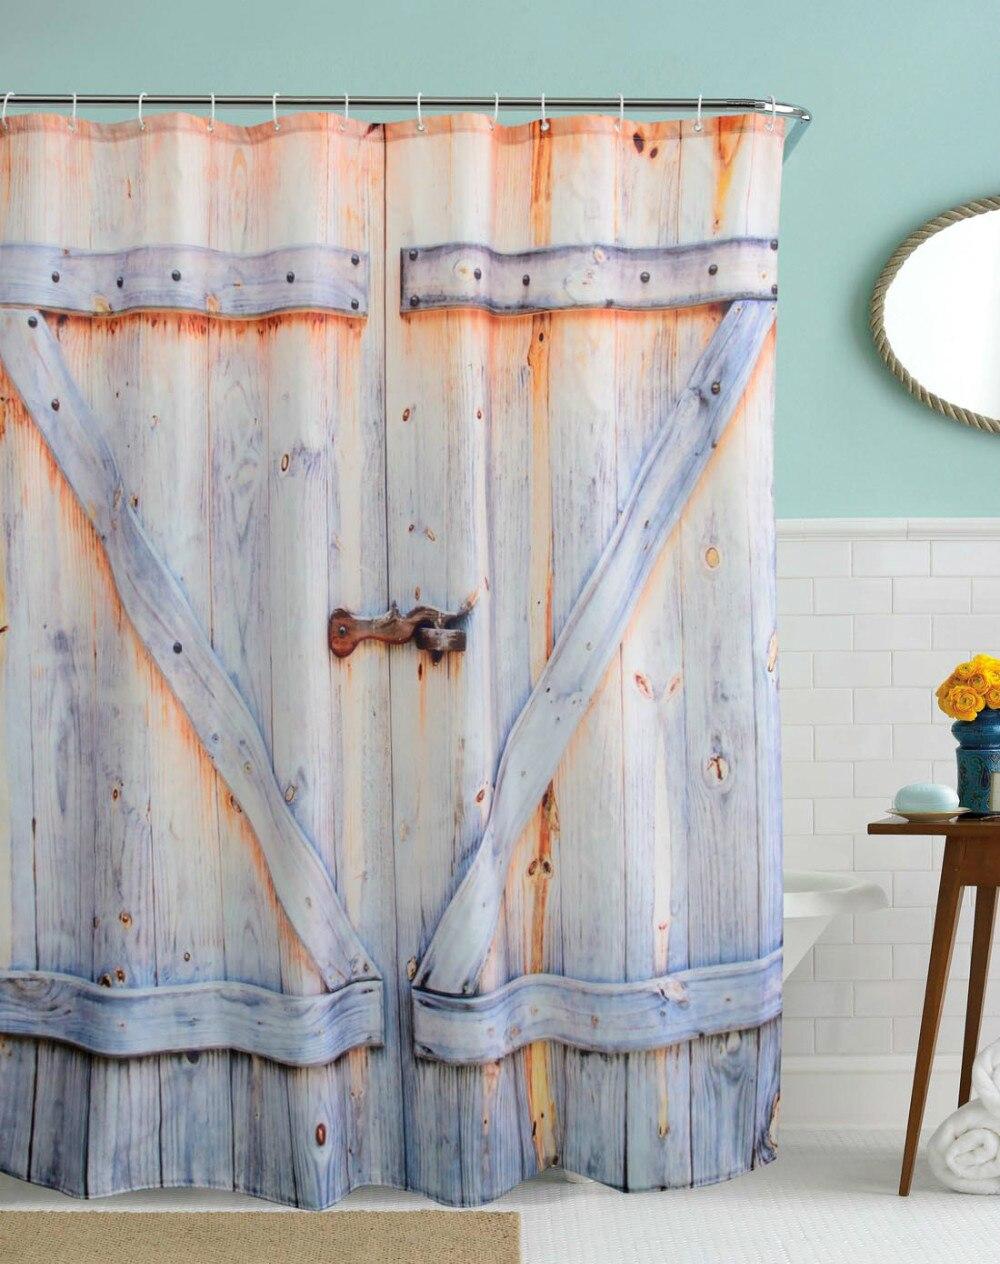 caldo tour 3d vintage bagno tende da doccia impermeabile poliestere tende da bagno porta in legno